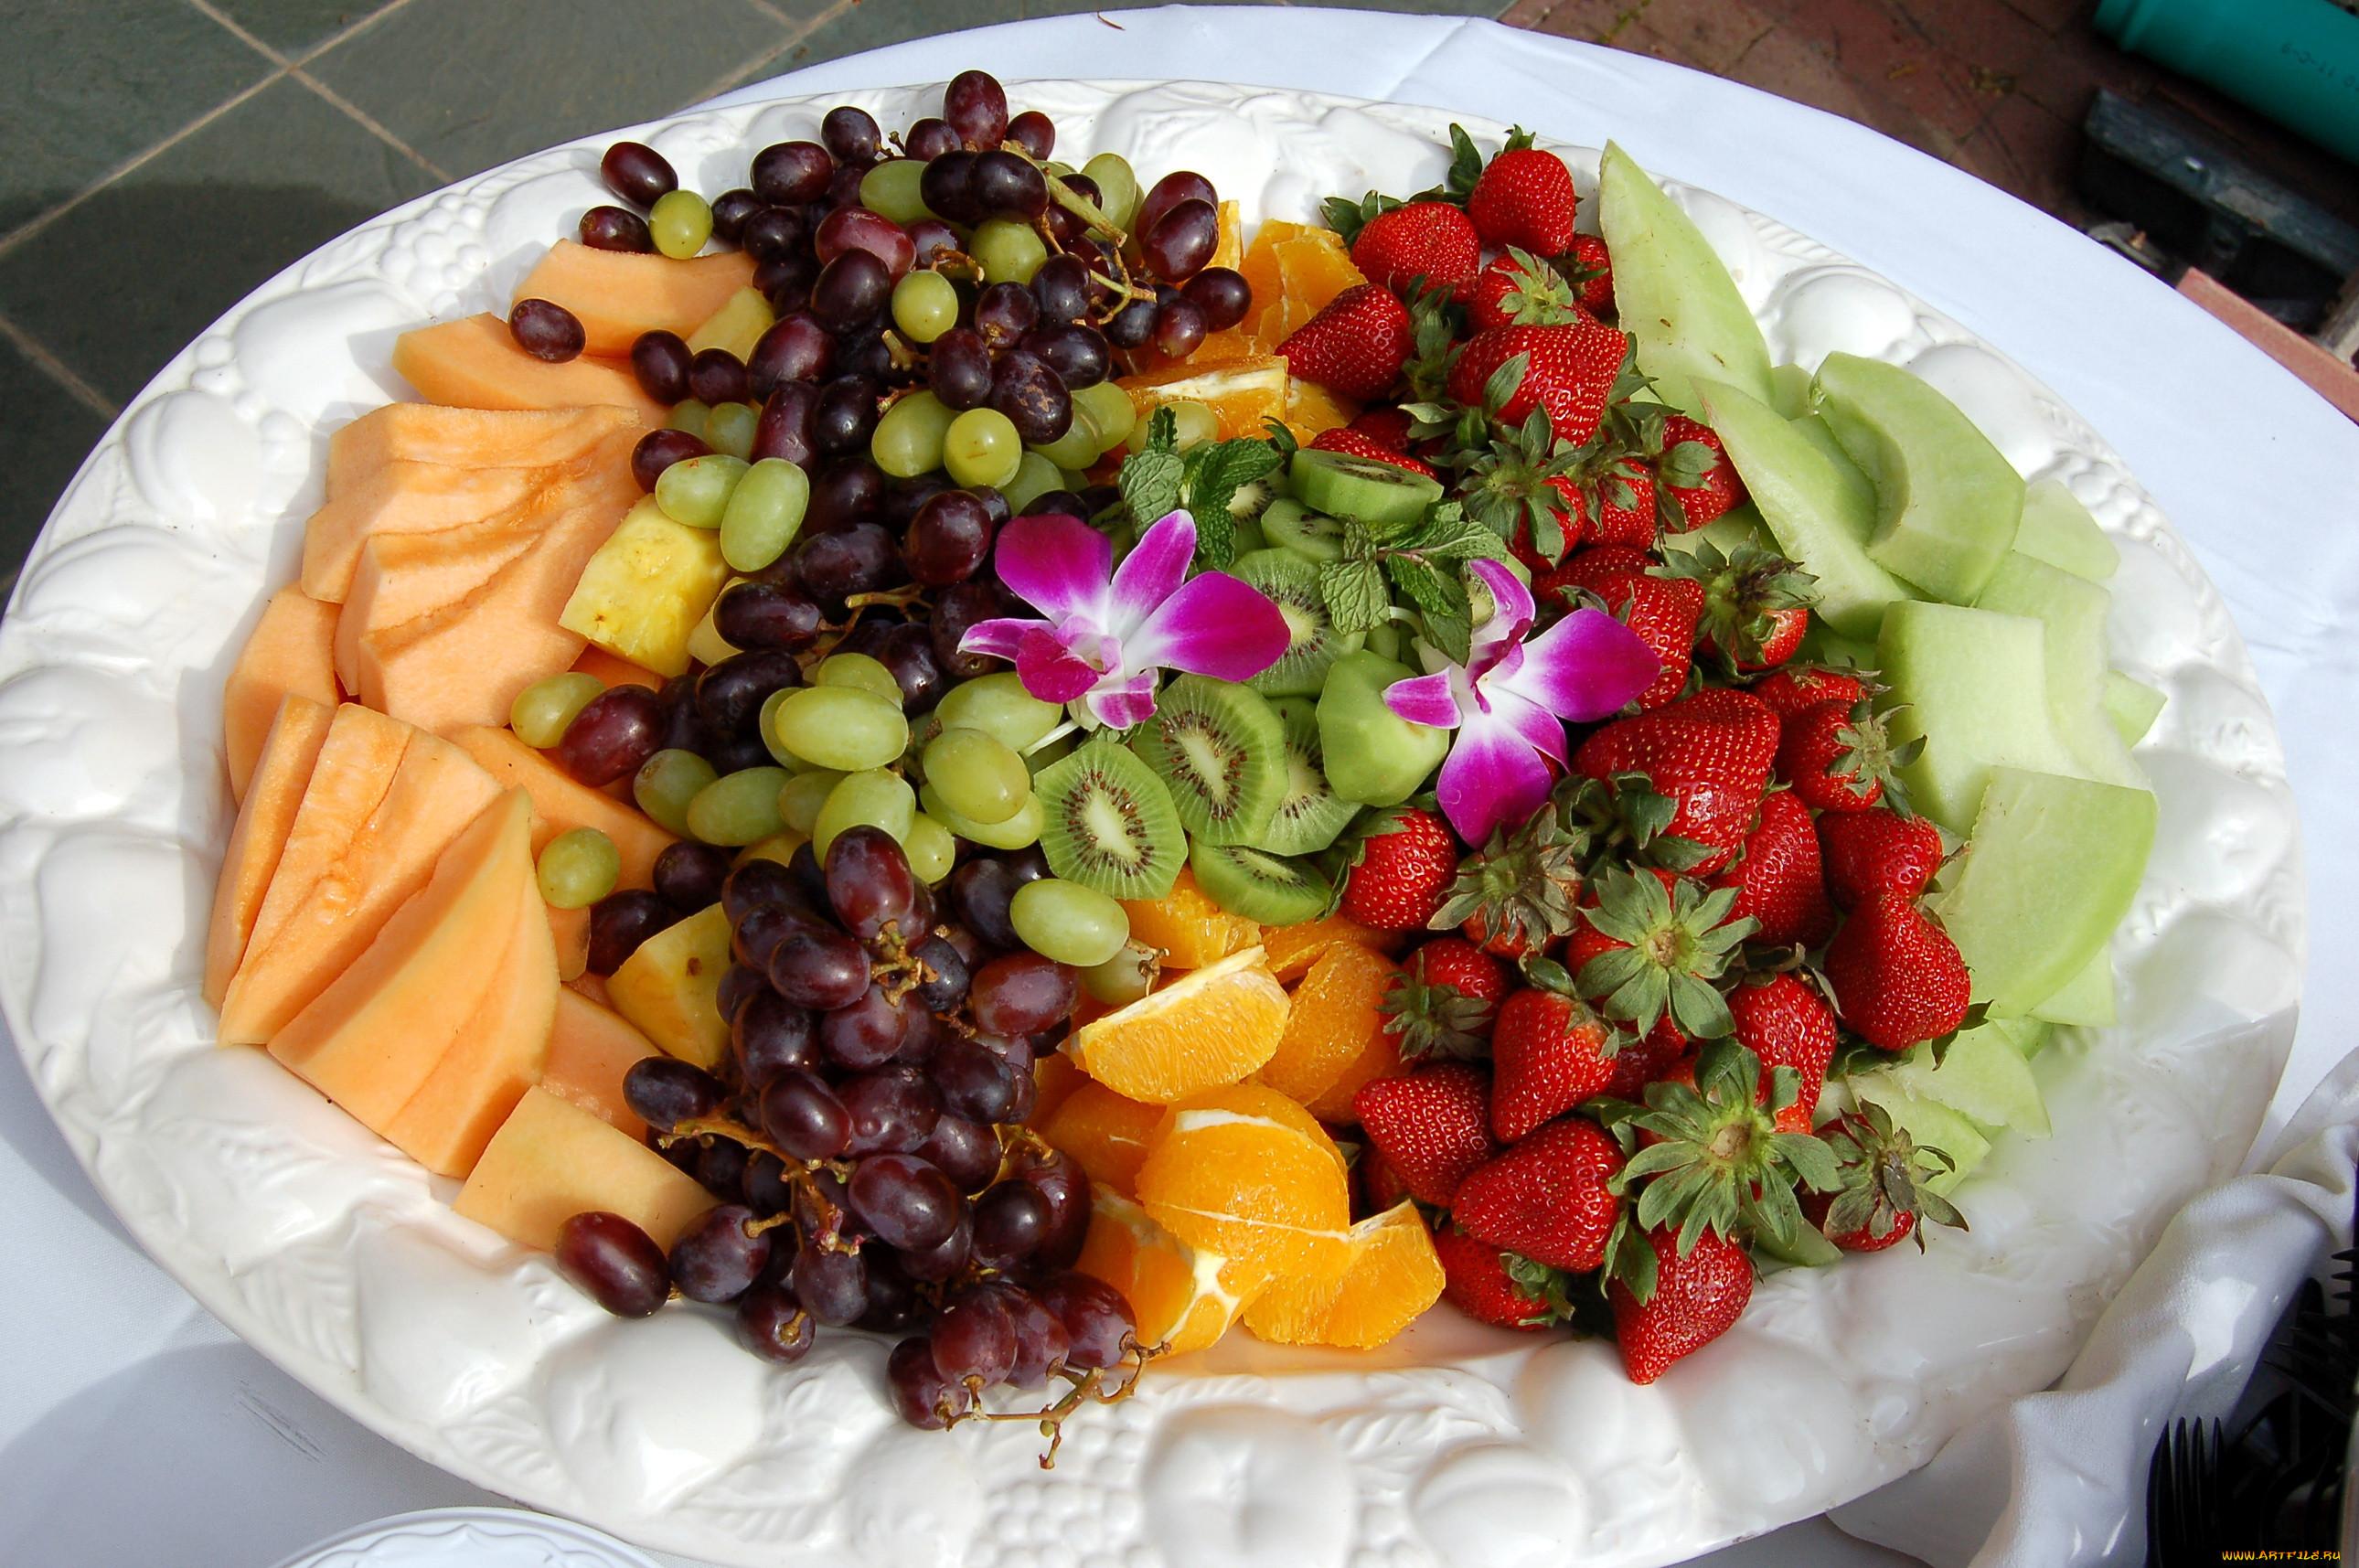 красивое фото фруктов в тарелке мята еще одно